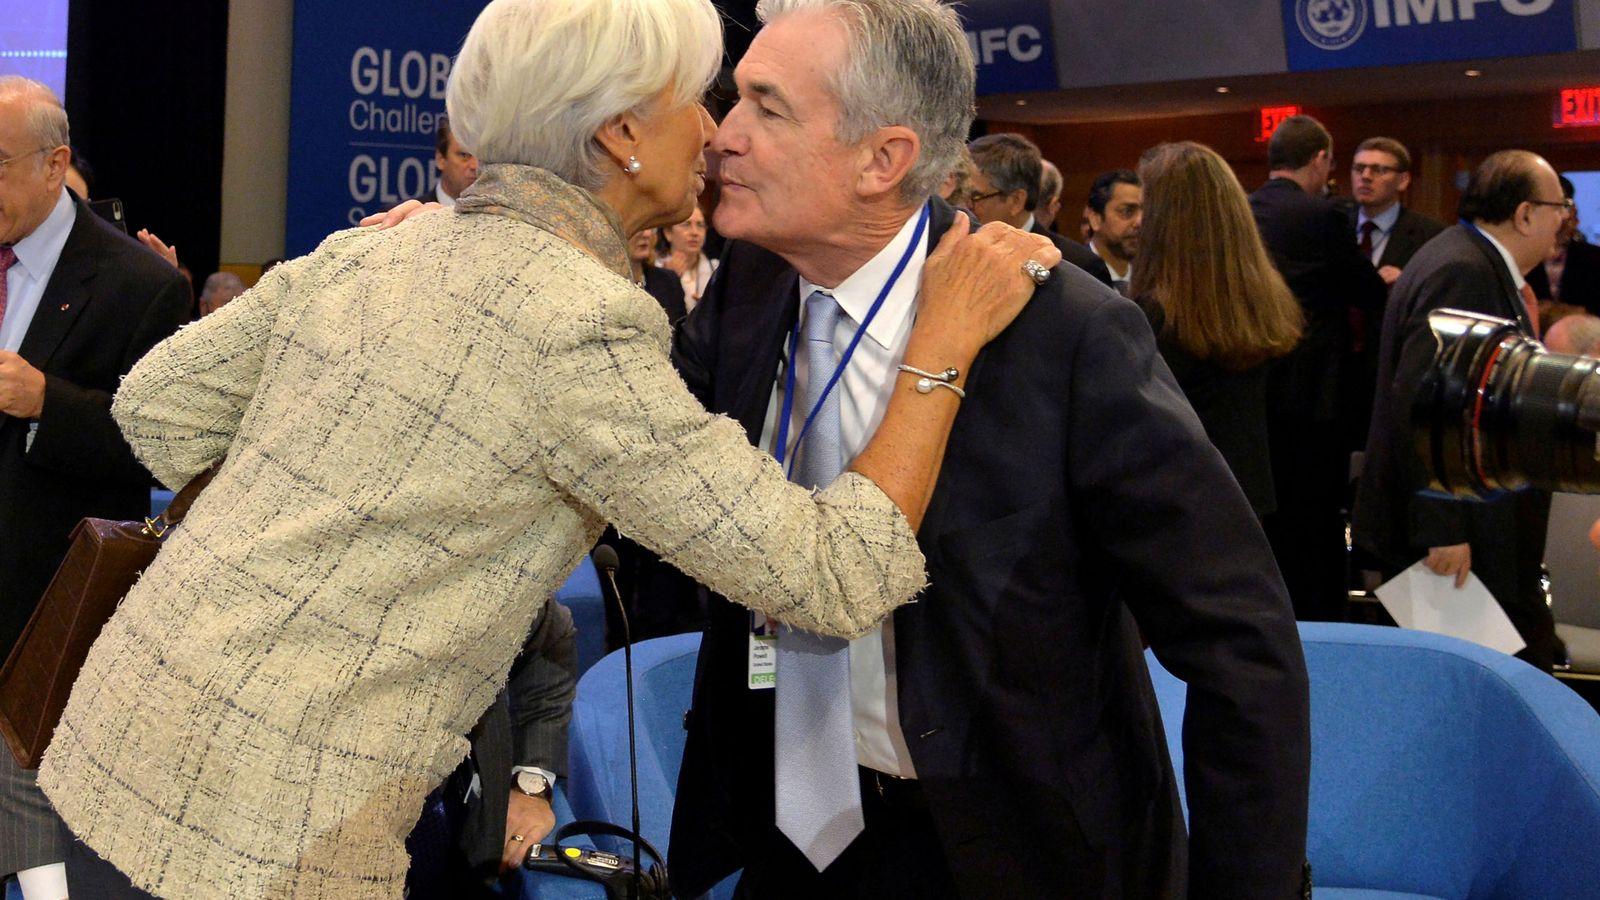 Los bancos centrales desafían sus límites: ya solo les queda hacer «experimentos»